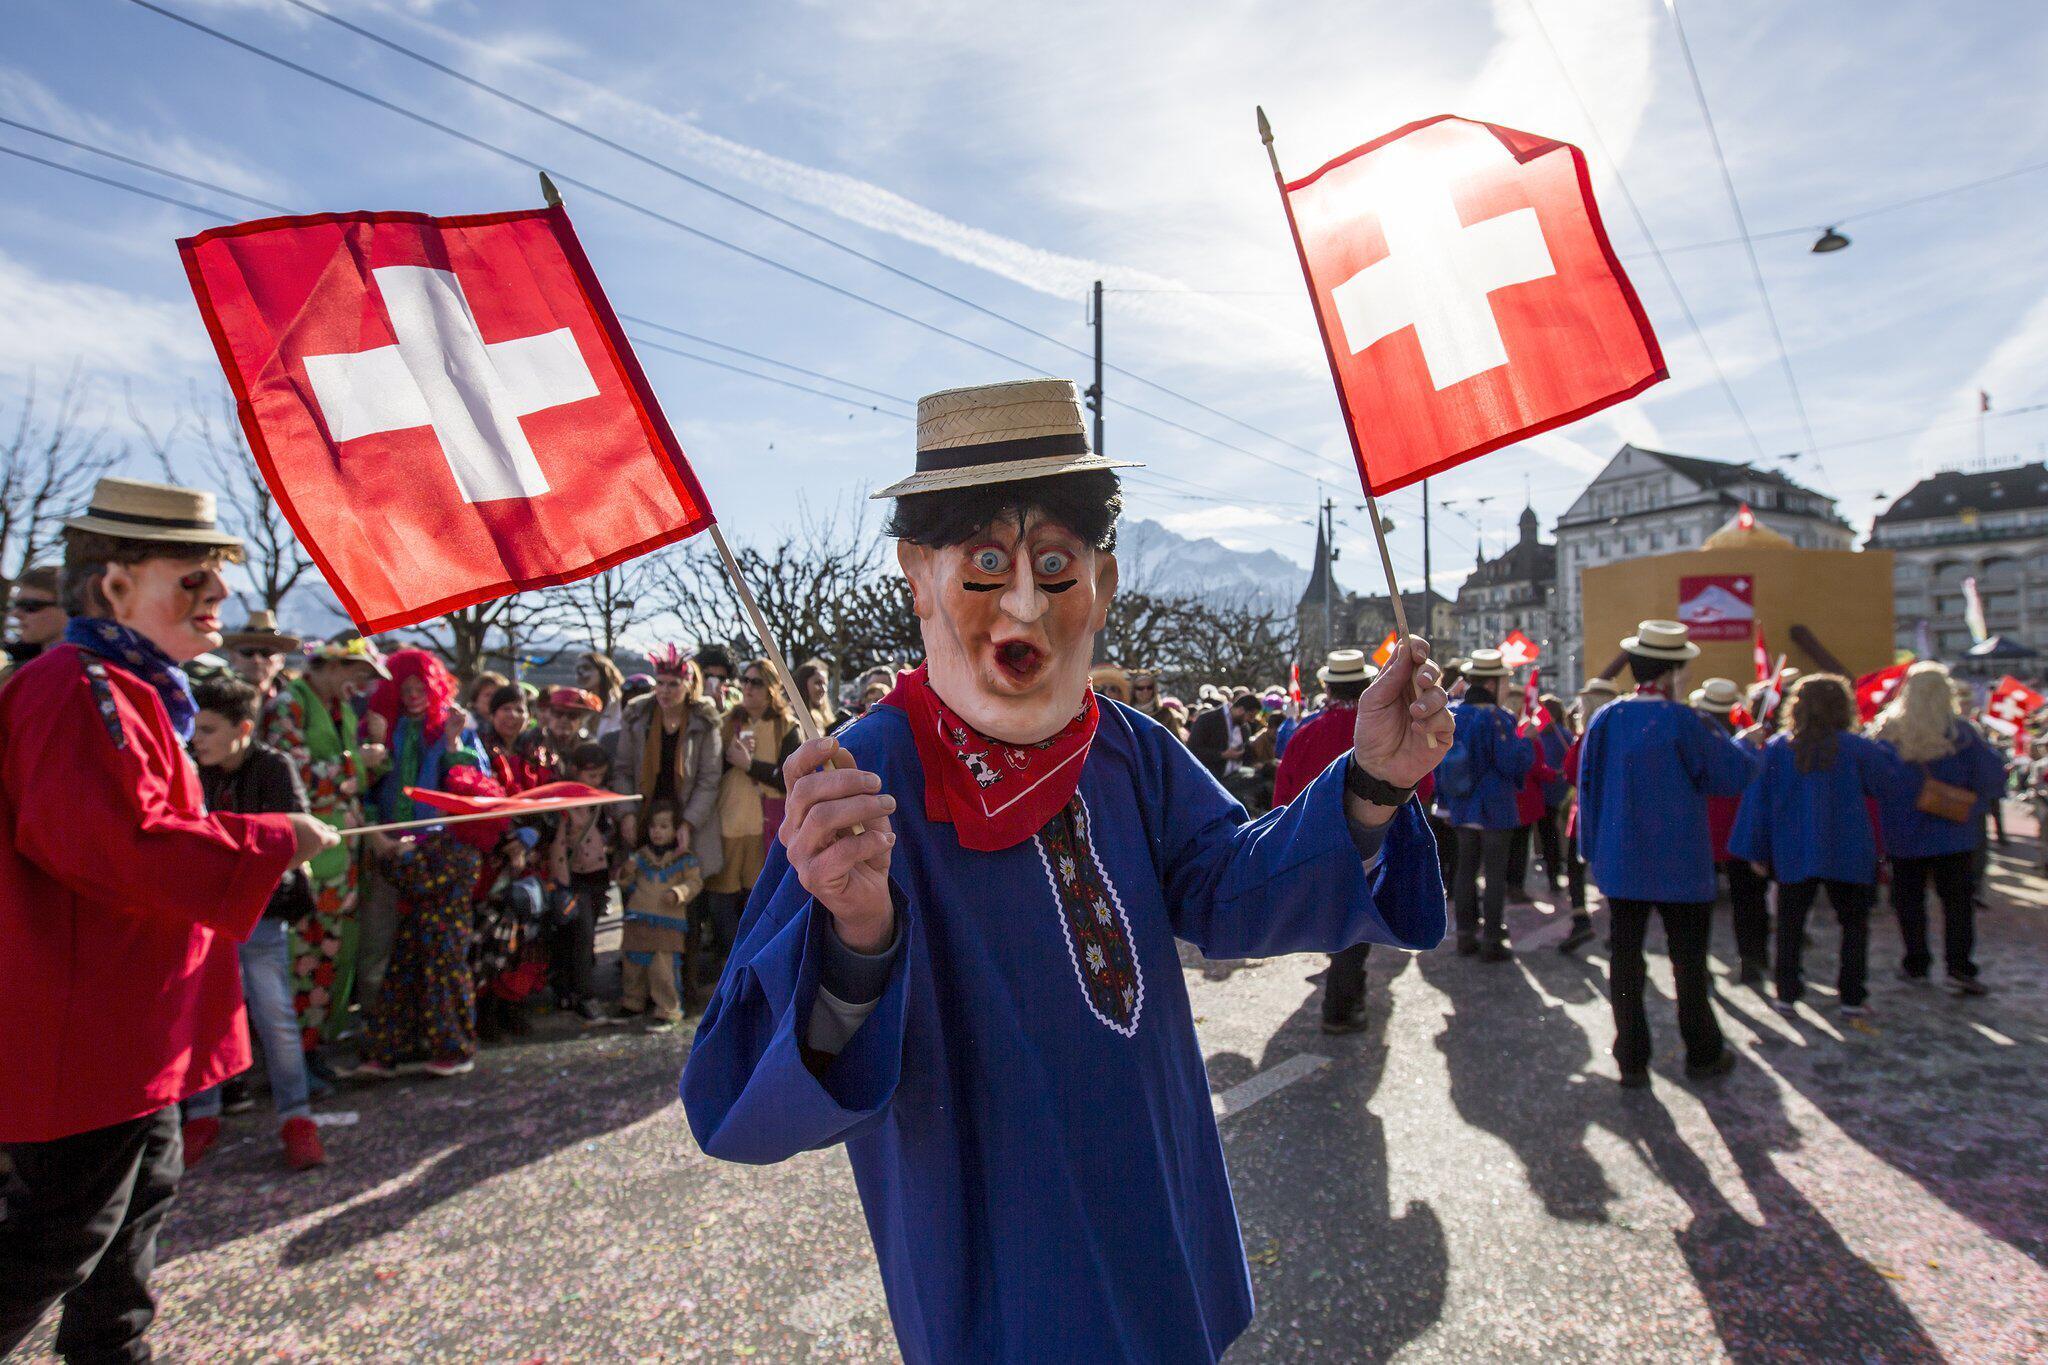 Bild zu Fasnachtsumzug in Luzern